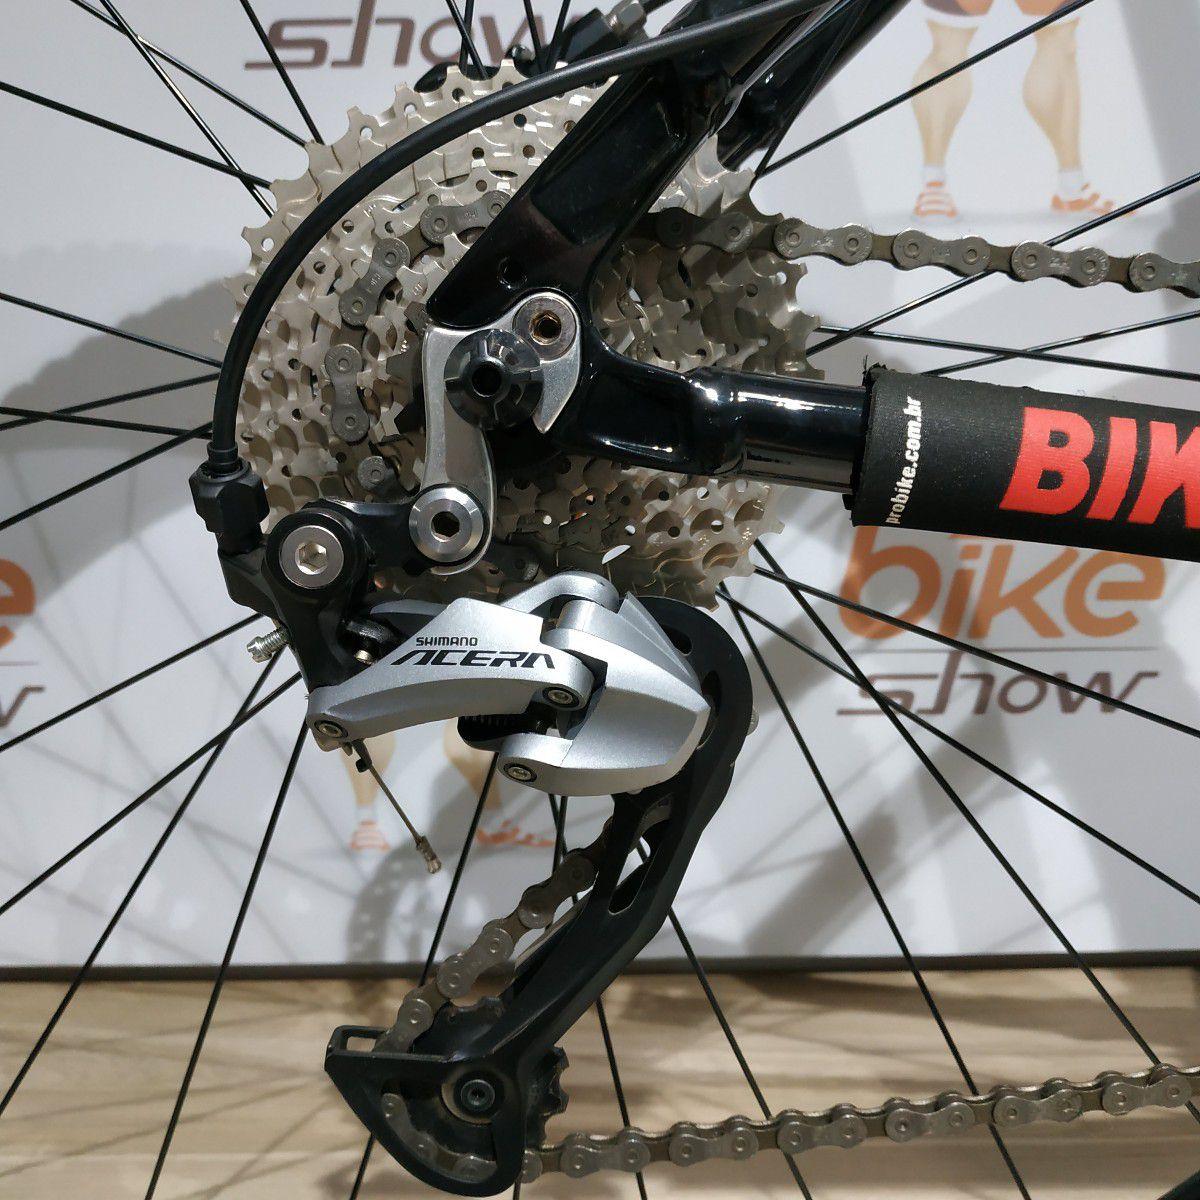 Bicicleta FIRST Lunix aro 29 - 27v Shimano Acera - Freio Shimano Hidráulico - Suspensão Suntour XCR hidráulica trava no guidão